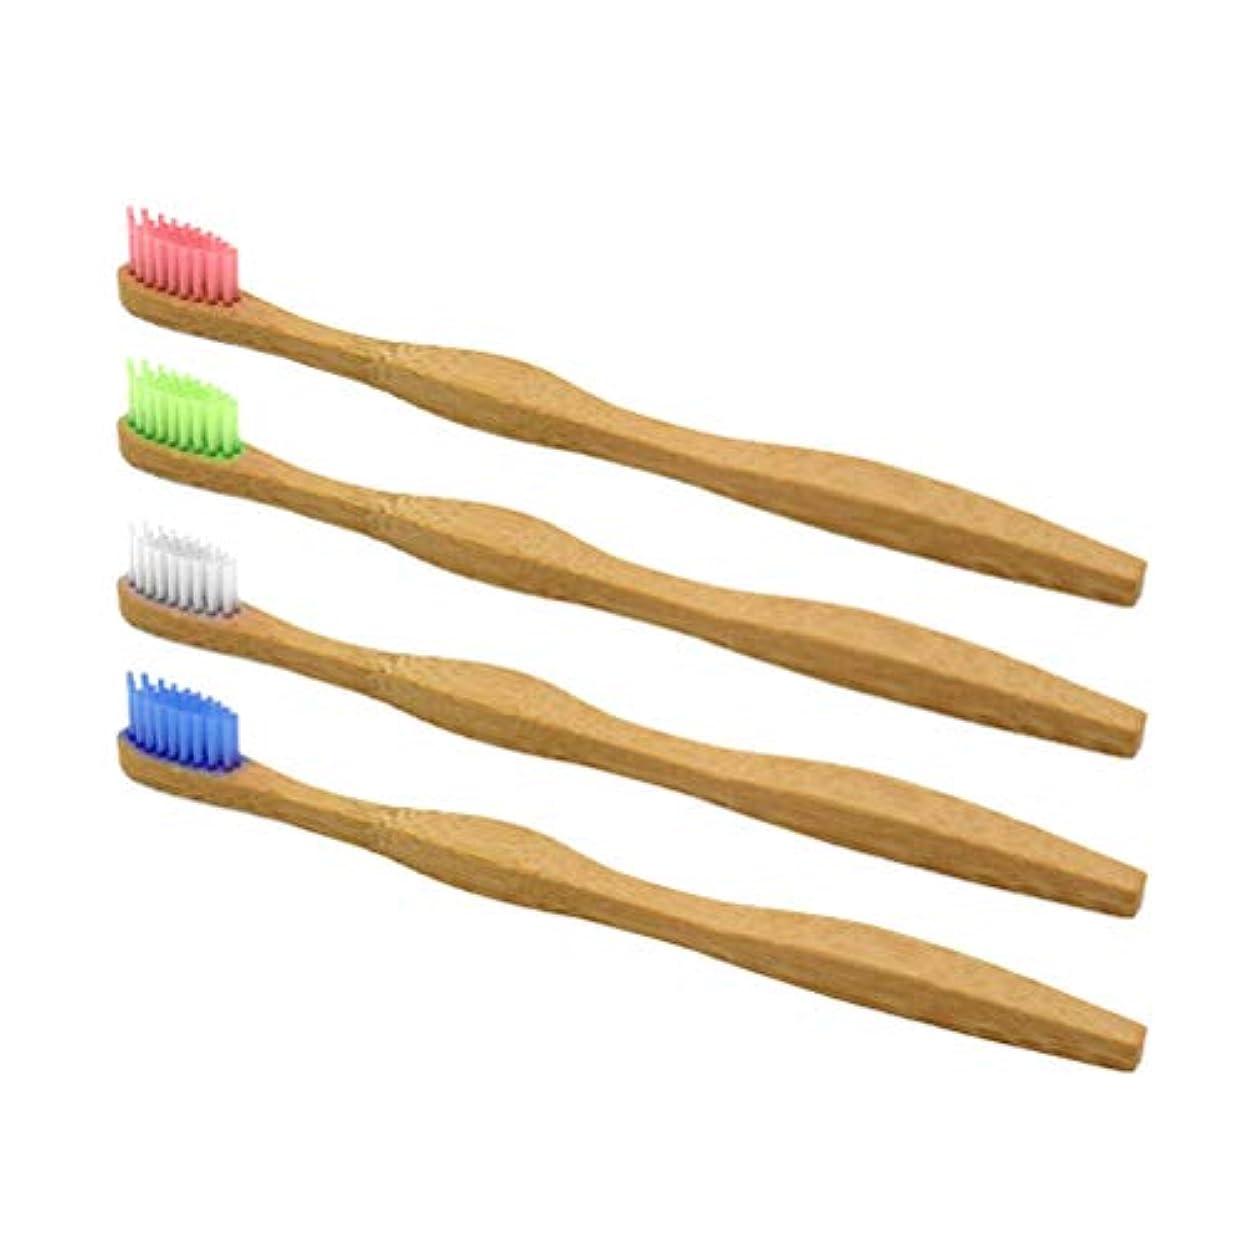 ステレオ虚弱テザーHealifty 家庭用およびトラベル用4本(白、青、ピンク、緑)用歯ブラシ竹製歯ブラシ